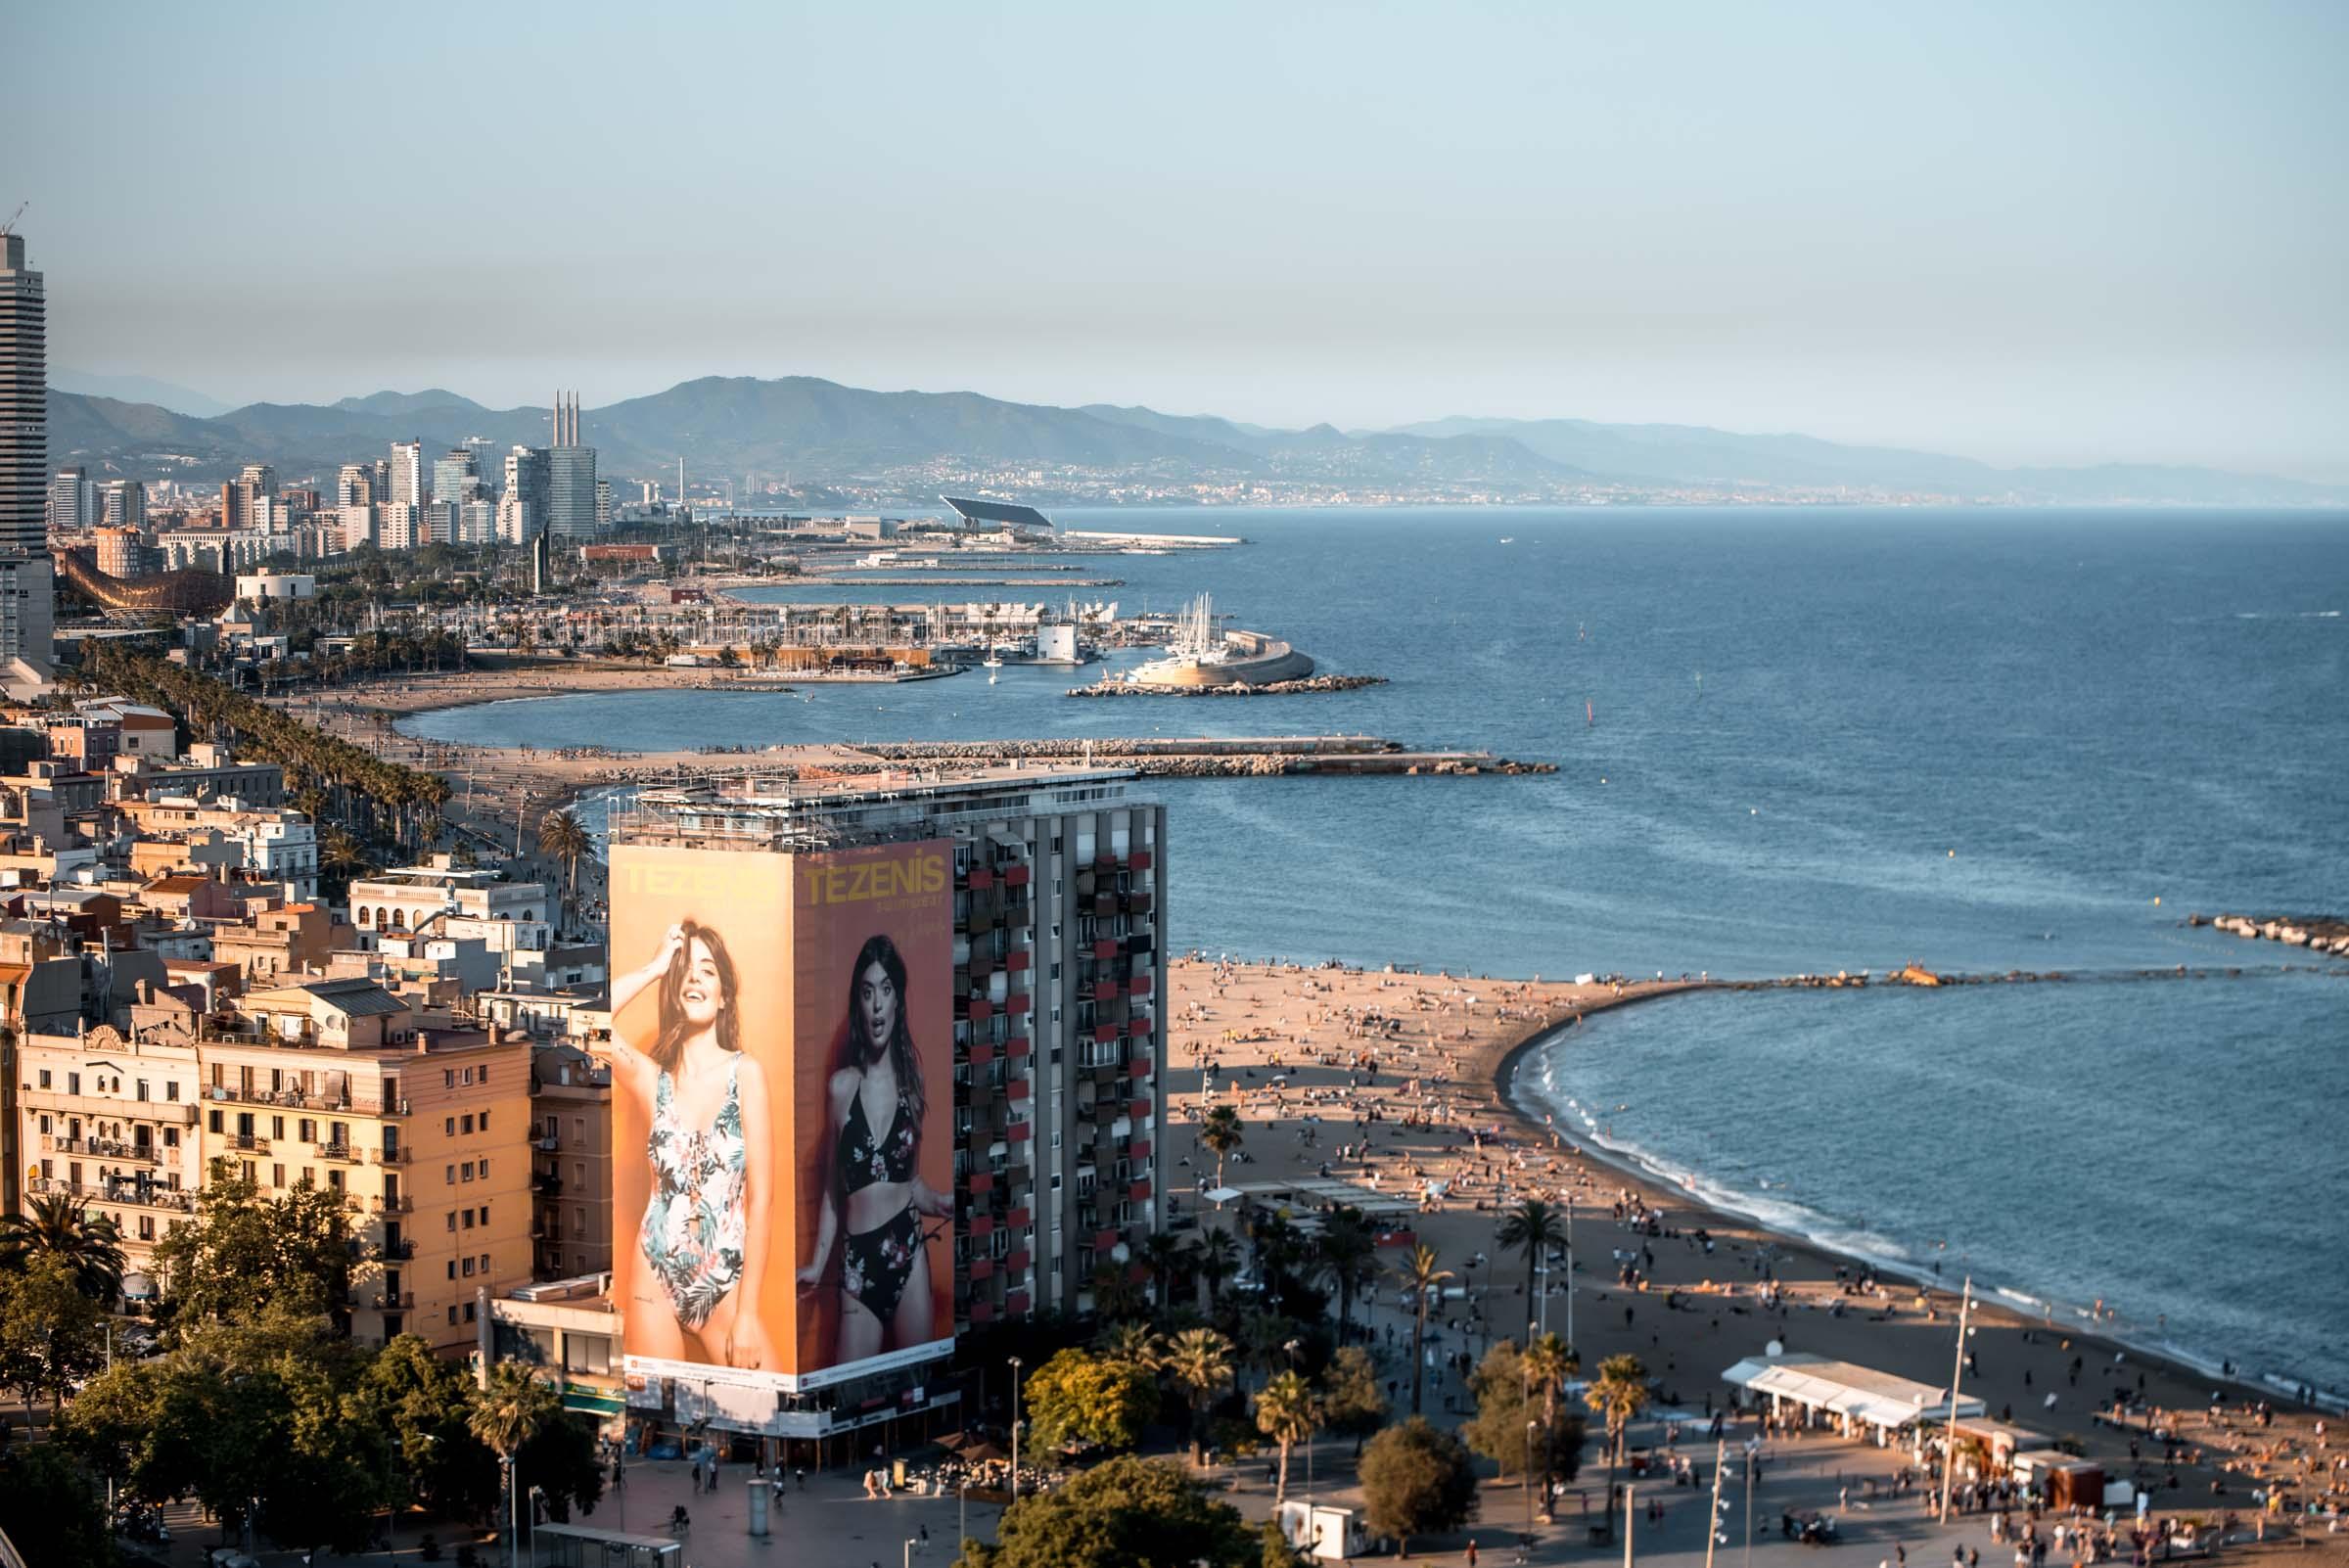 Barcelona, Spain - Beach